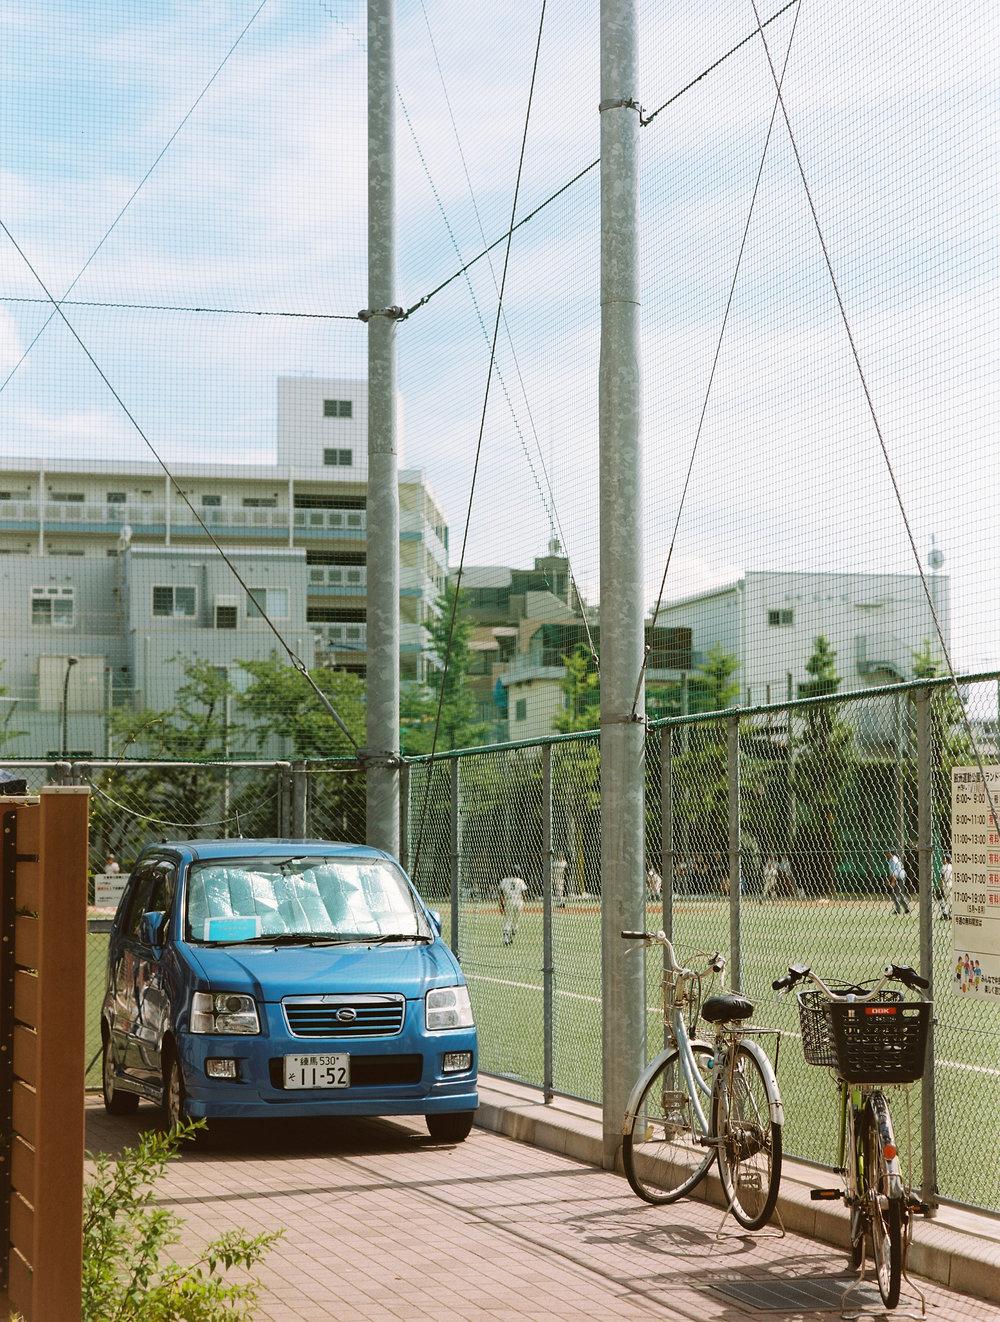 Gunma_Shinagawa_Portra 160_0_.jpg